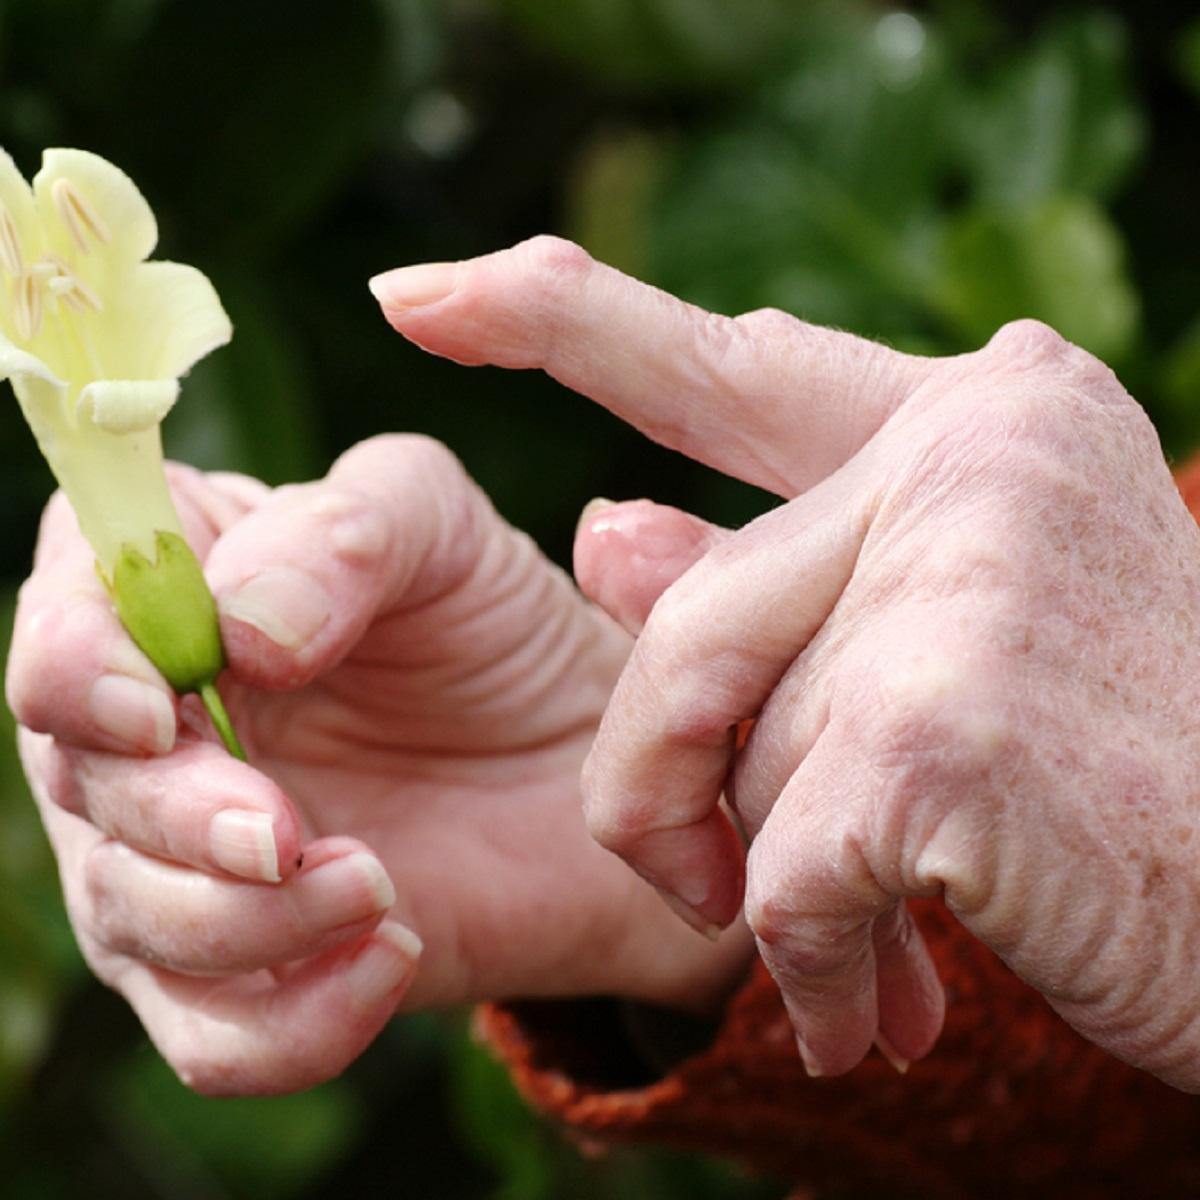 REUMATOIDARTRIIT (RA)- sümptomid, põhjused, riskitegurid, ravi, reumatoidartriidi dieet ja toidulisandid ravi toetuseks